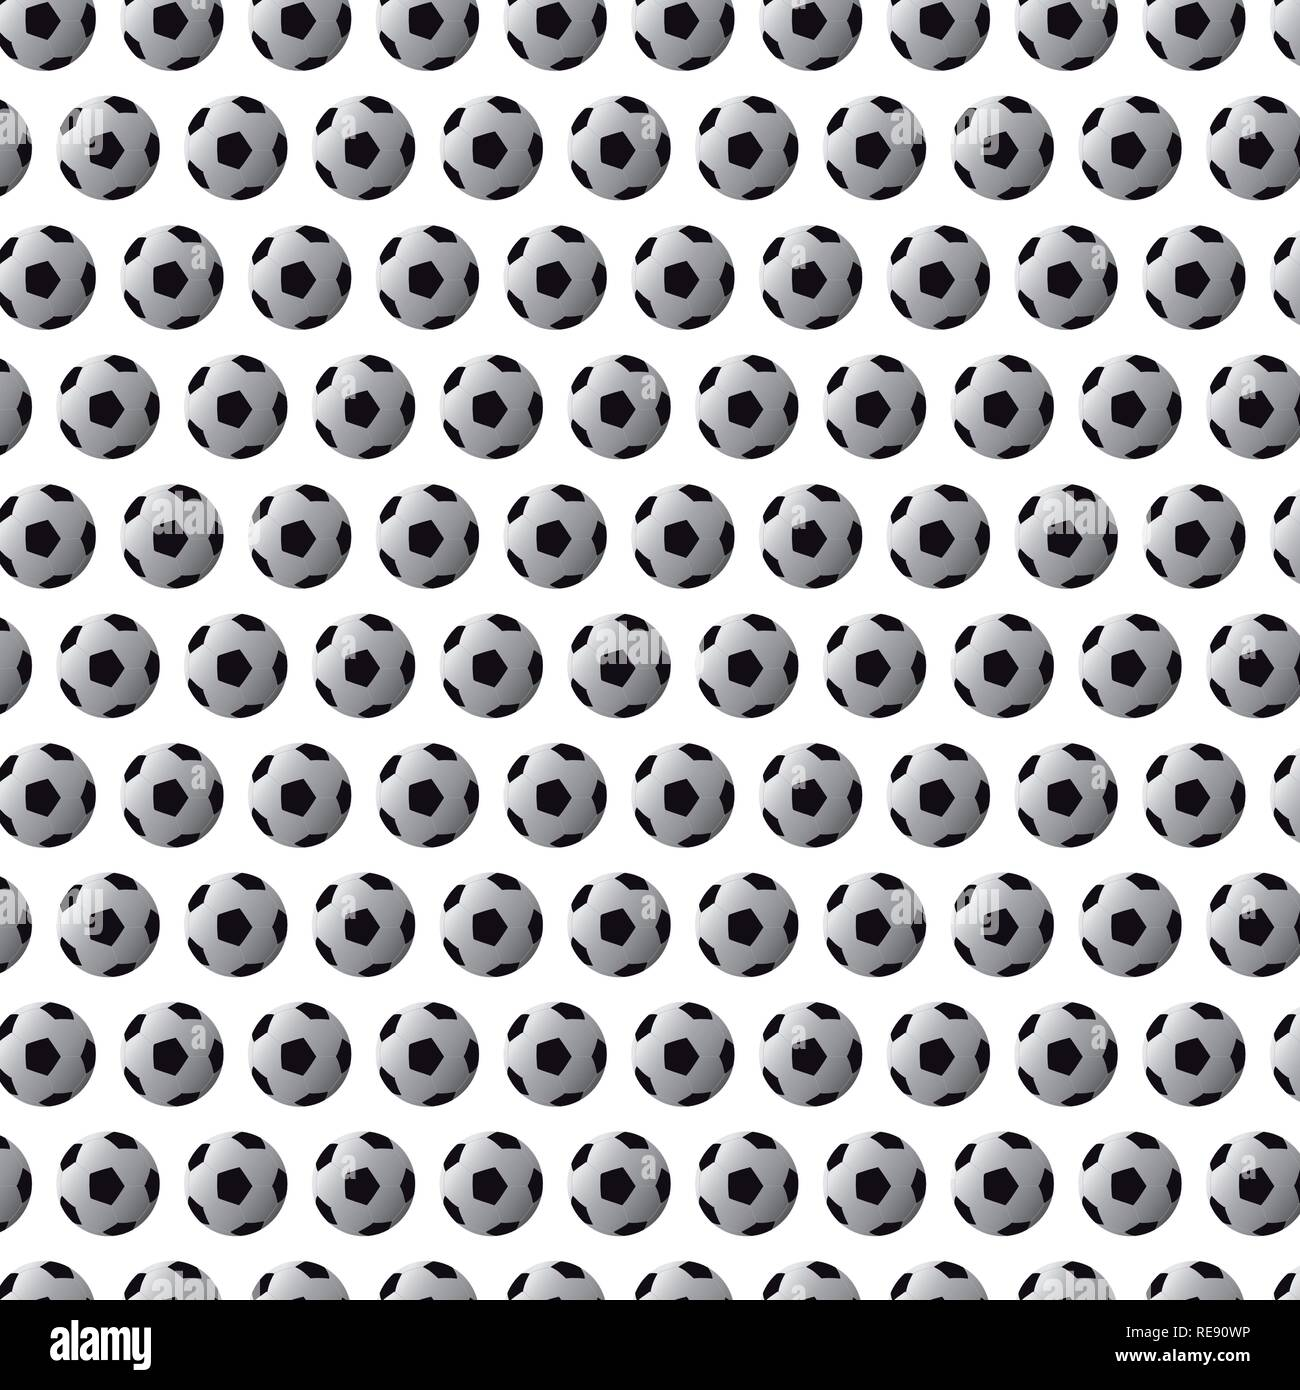 Modello senza soluzione di continuità con il calcio (calcio) sfere nero su sfondo bianco Immagini Stock